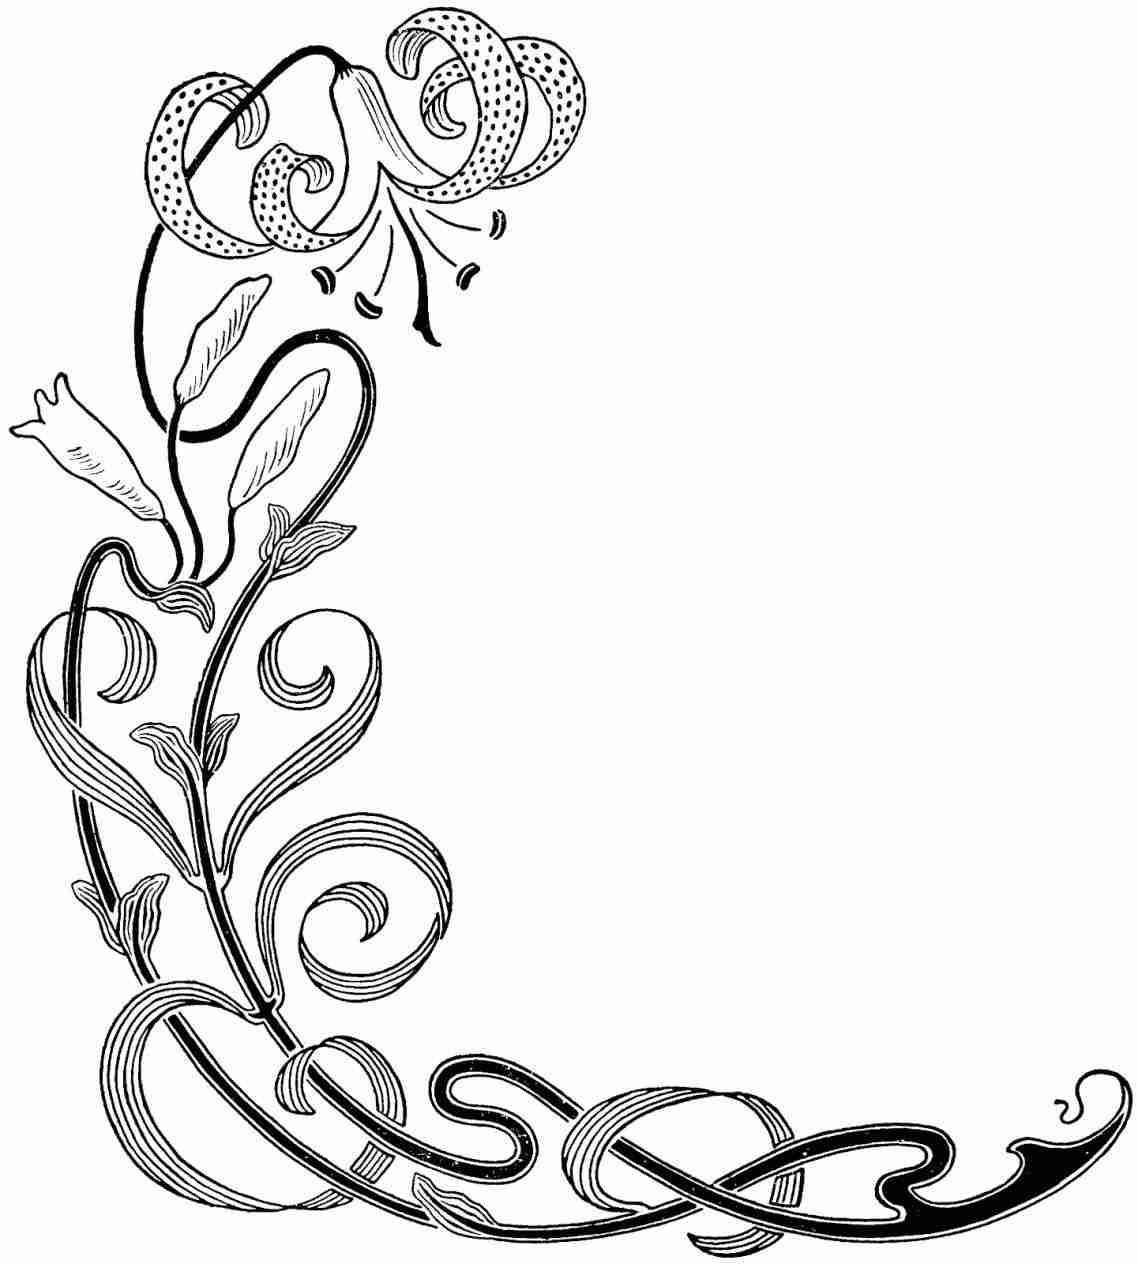 1138x1264 Flower Border Clip Art Black And White